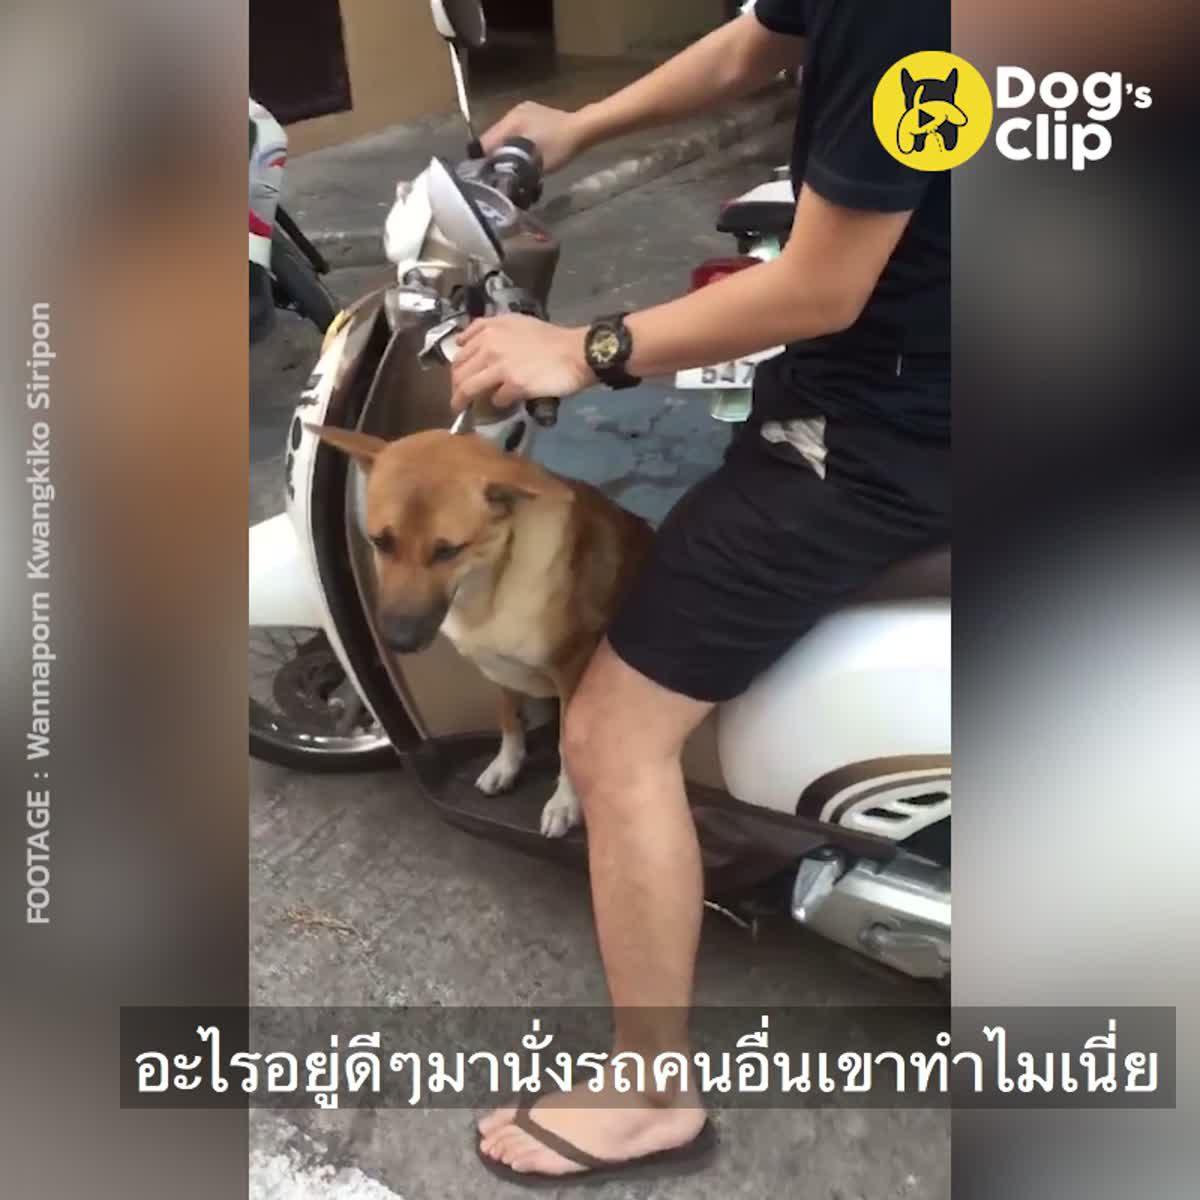 น้องหมาทำเนียนตีมึนขึ้นรถไม่ยอมลง เจ้าของรถเลยพากิน พาเที่ยวซะเลย   Dog's Clip